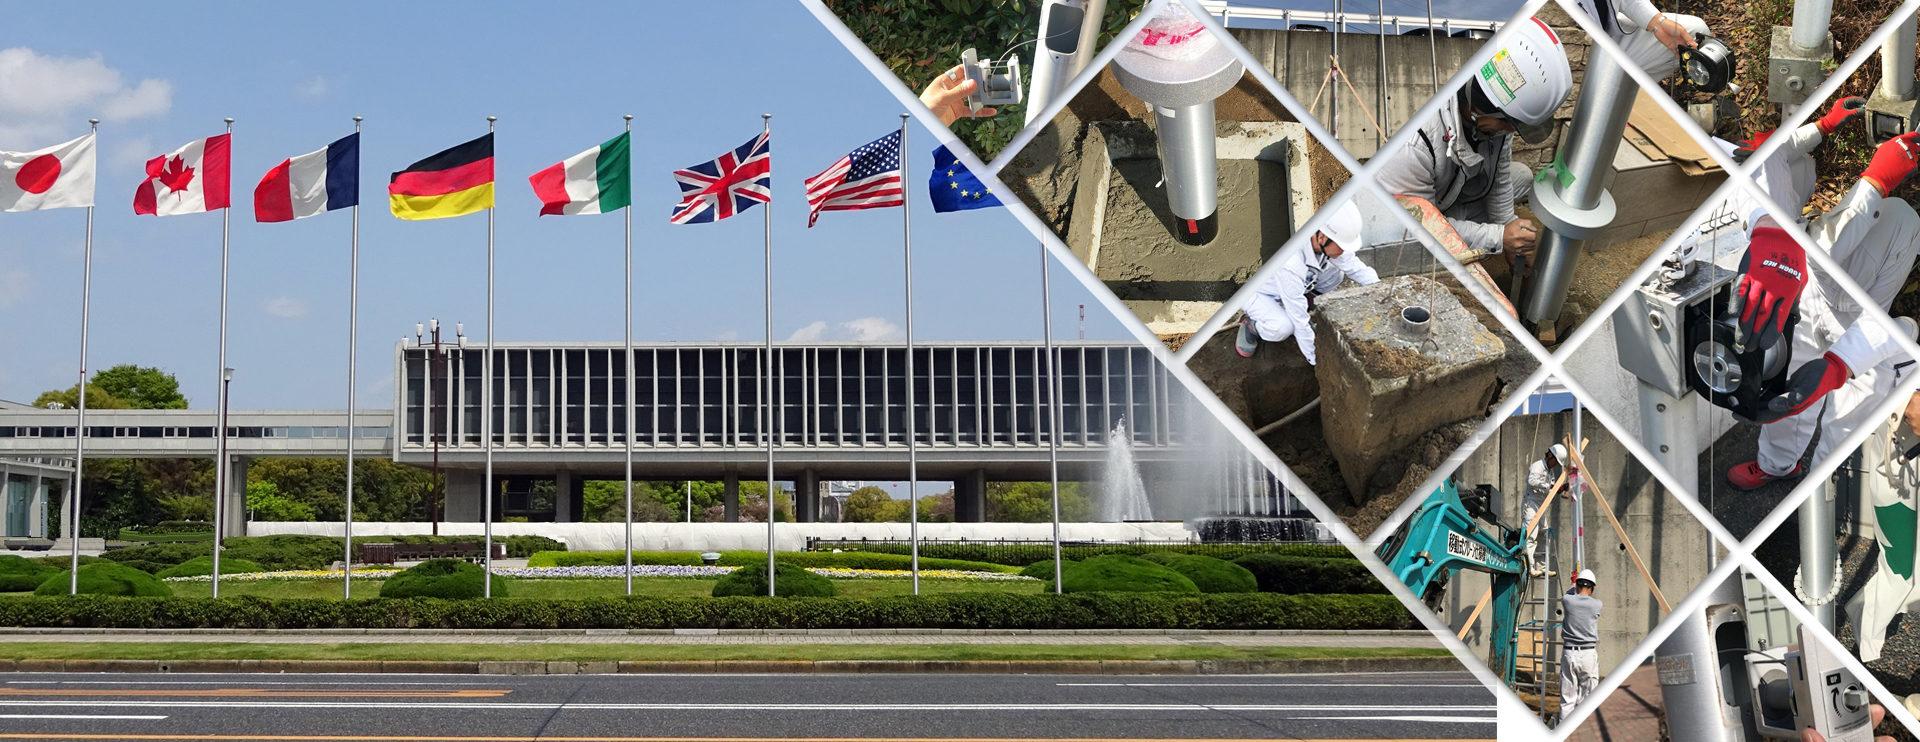 """創業80年の伝統とノウハウ<br> 旗ポールの新設・設置工事・修理の専門サービス<br> 旗ポールの修理は""""メーカー特約店""""の<br> 旗ポール建て隊へ"""